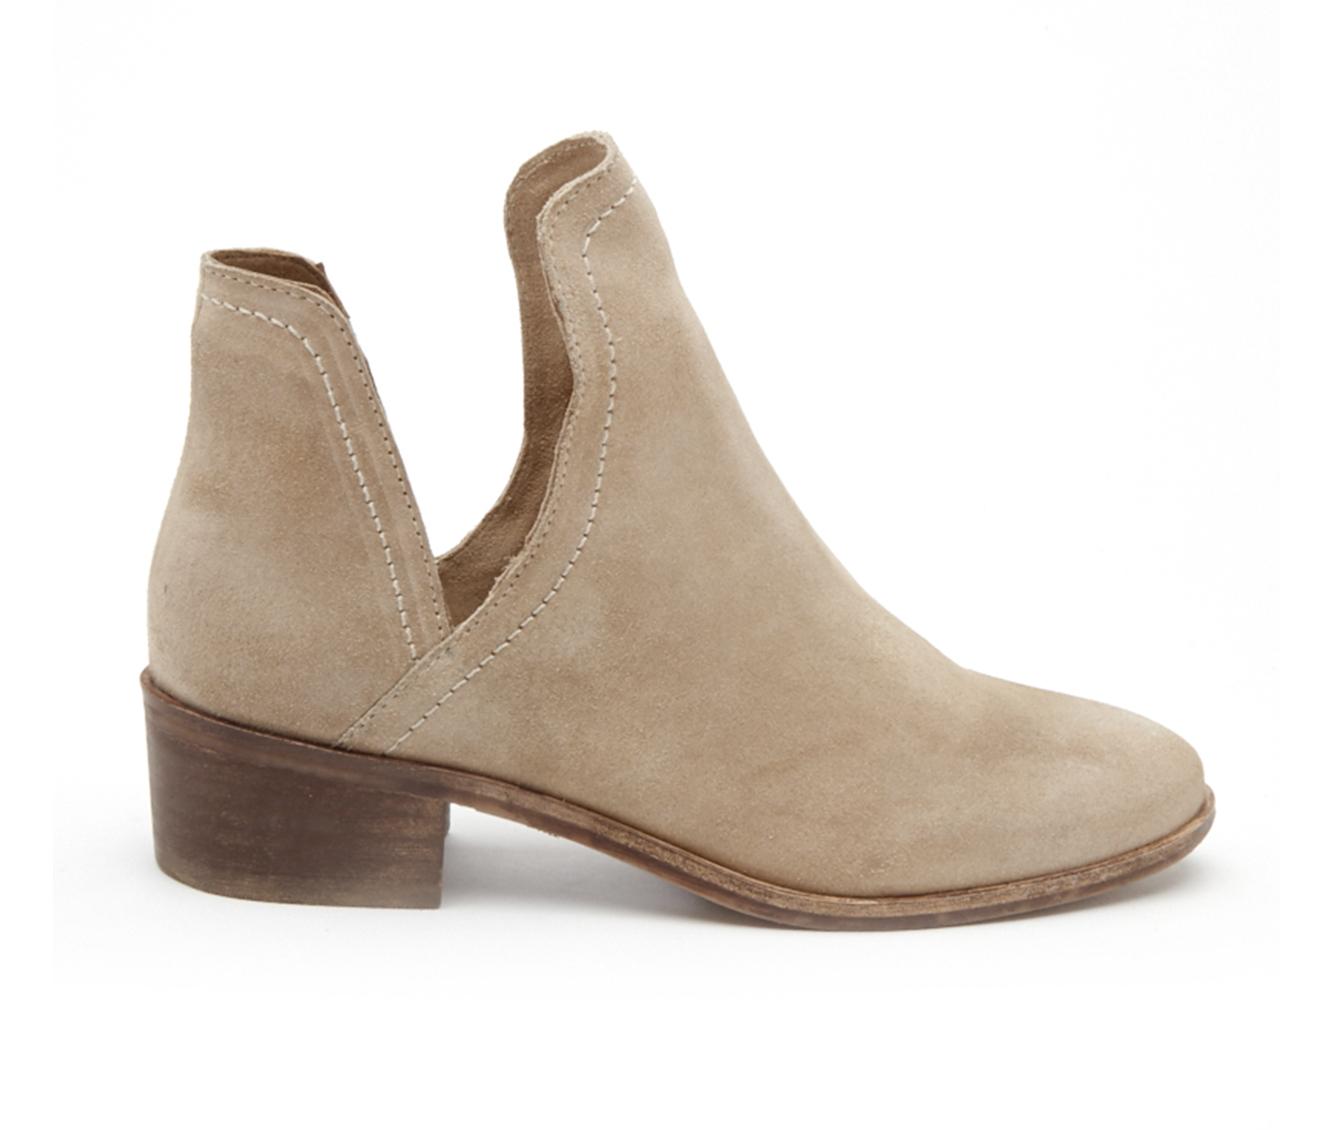 Coconuts Pronto Women's Boot (Beige Suede)